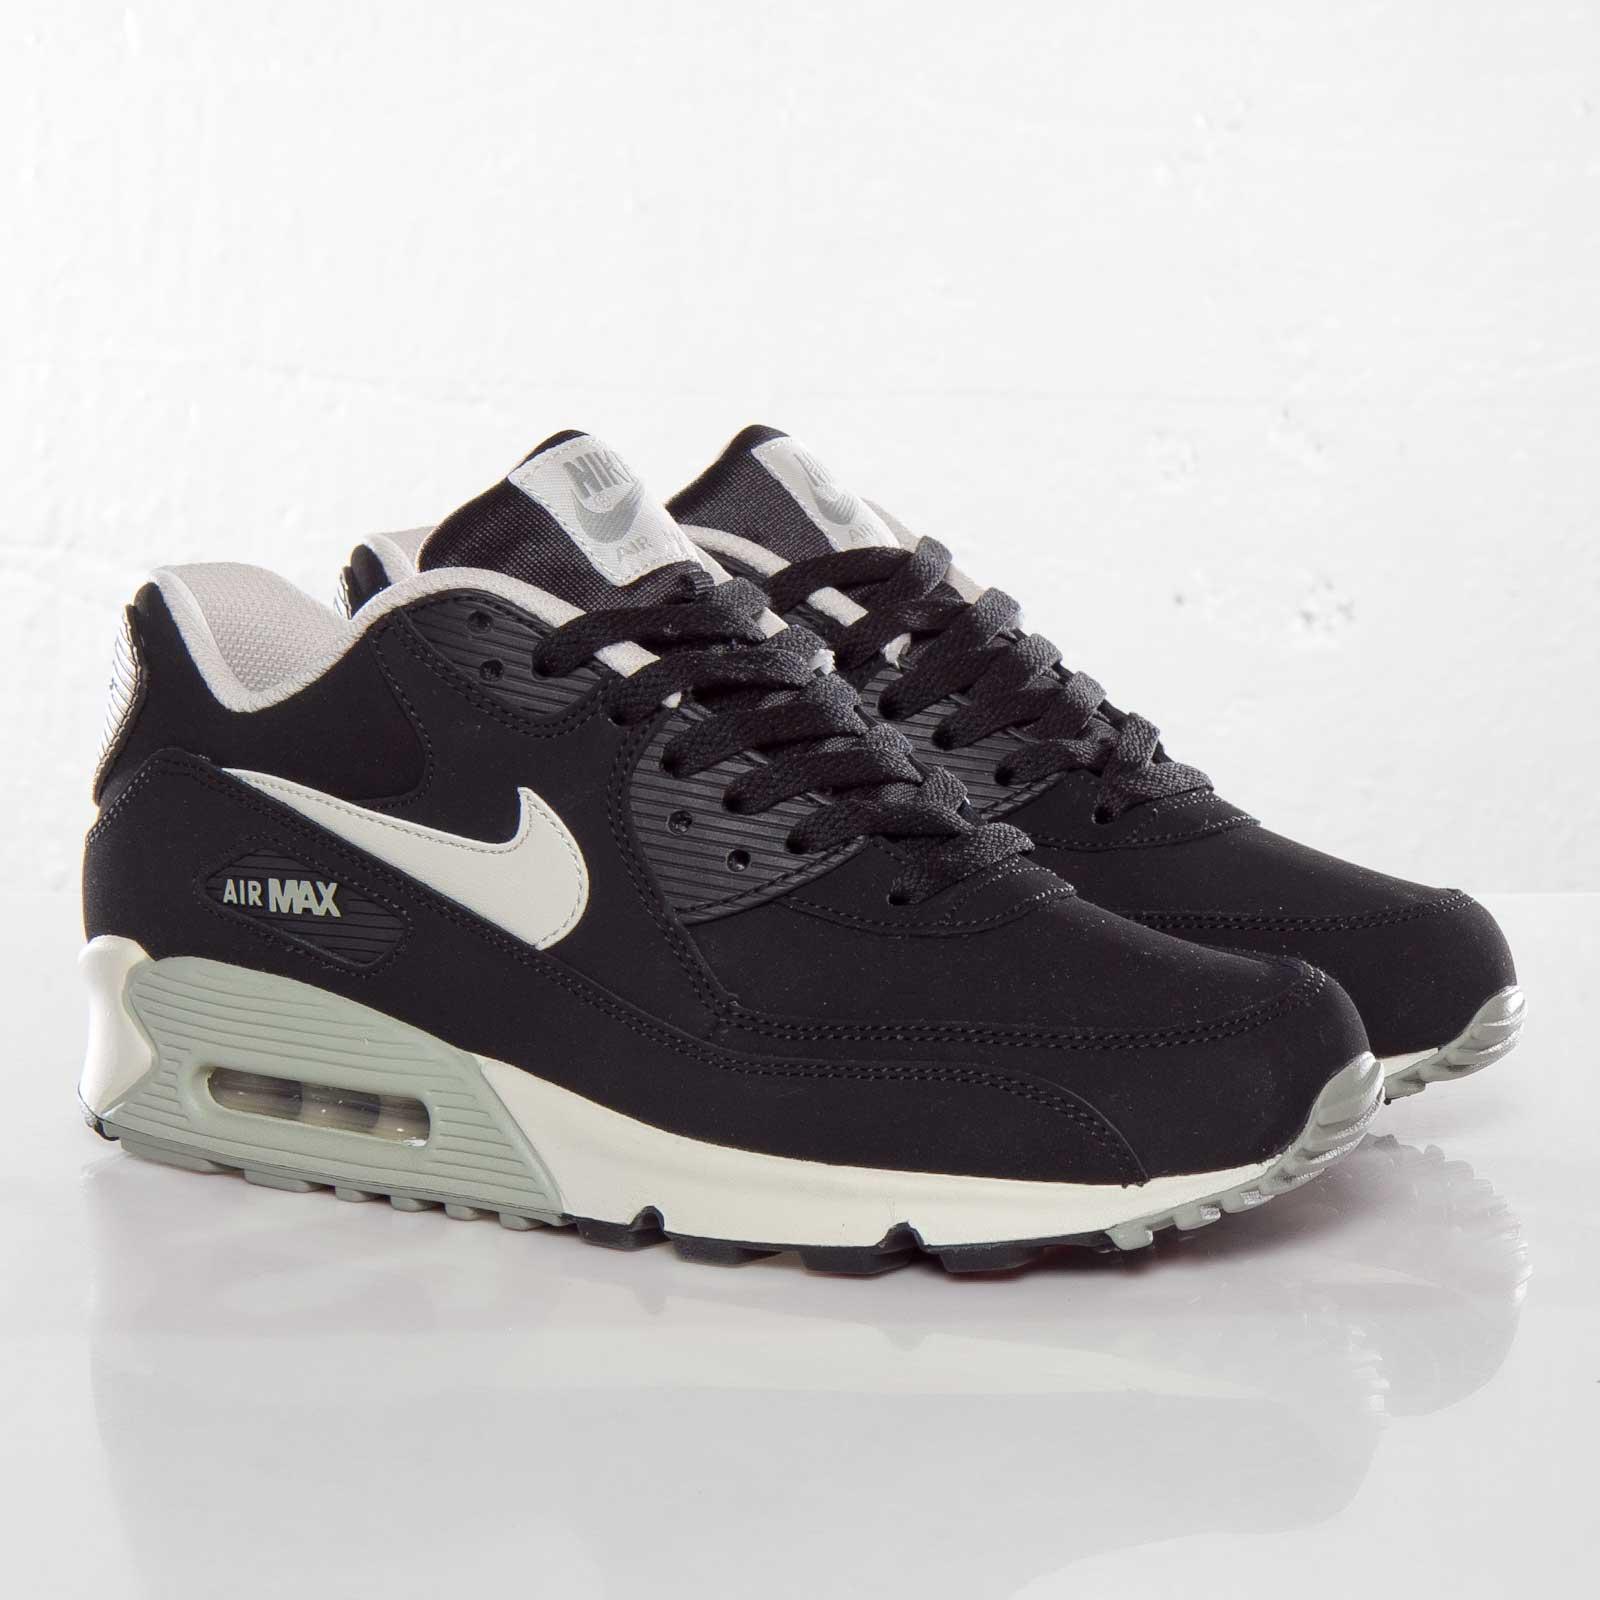 Nike Air Max 90 Essential LTR